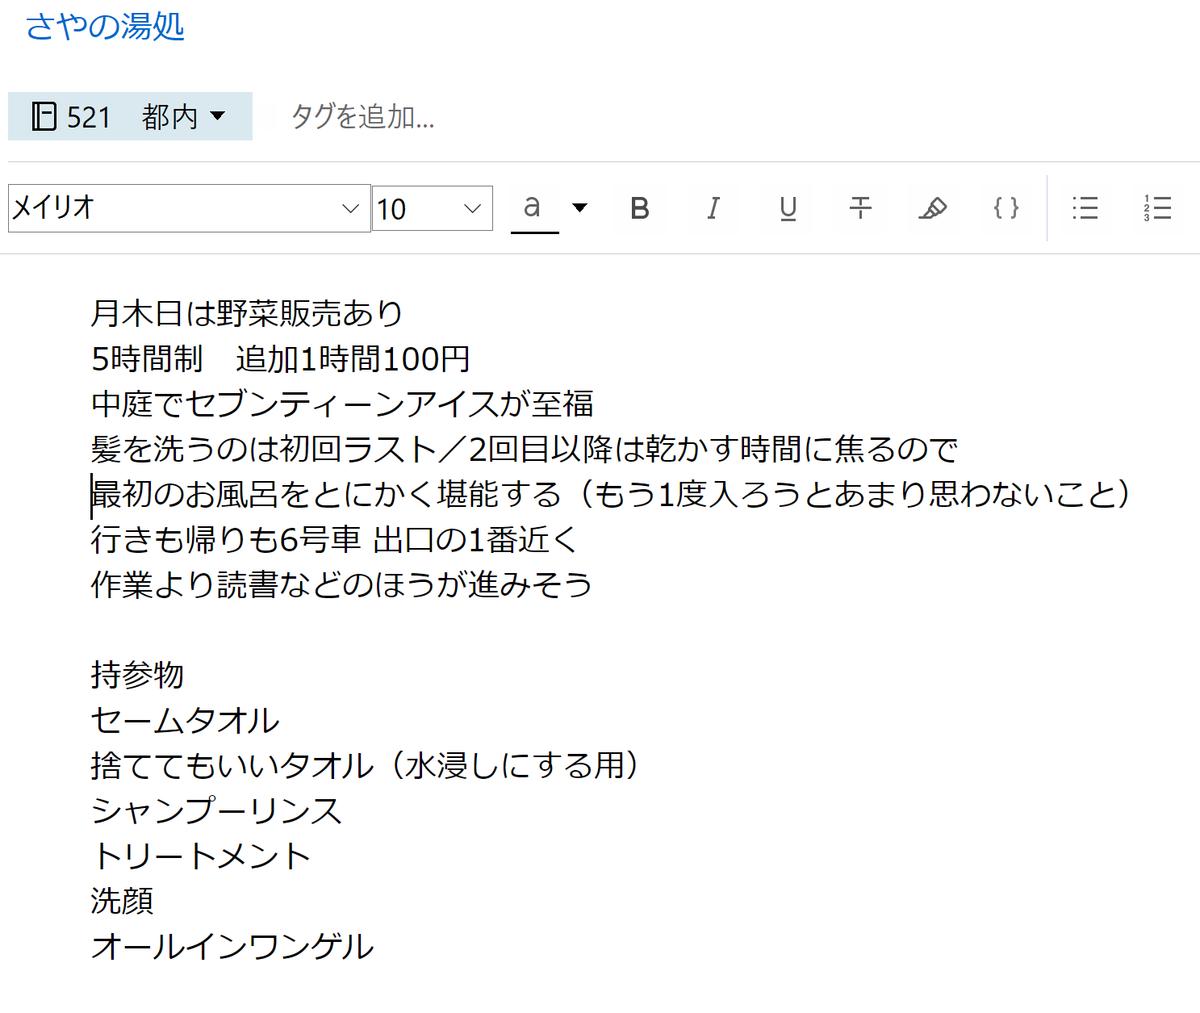 f:id:yamama48:20190429155619p:plain